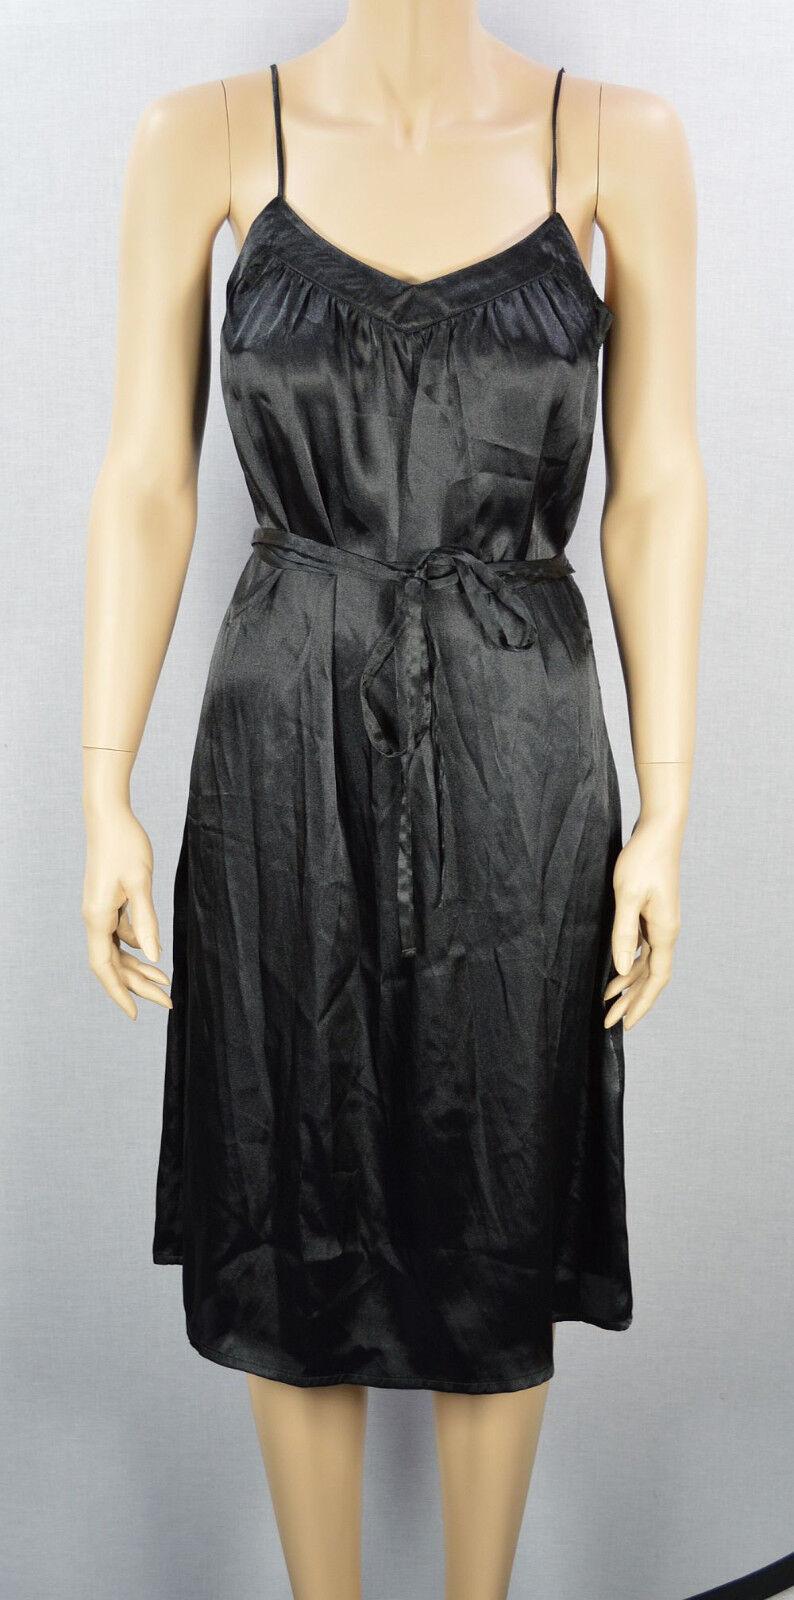 Gestuz Damen Damen Damen Kleid outlet damen kleider shop kleider sale 4-1246 | Exquisite (mittlere) Verarbeitung  | Bestellung willkommen  | Elegantes Aussehen  83ebe3